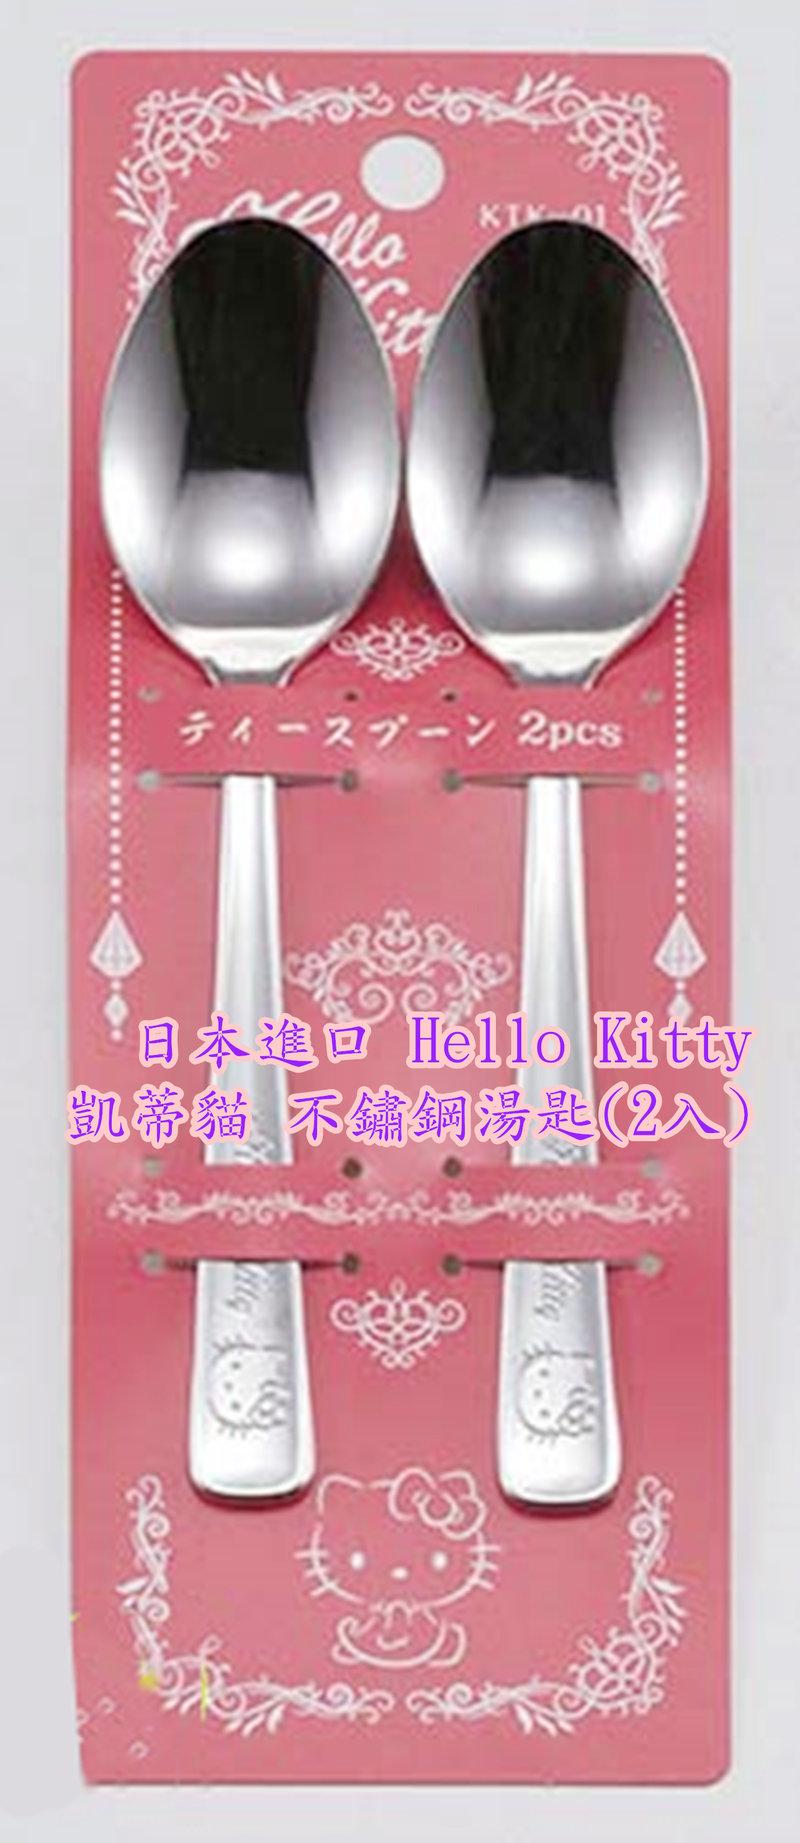 日本進口 經典KT不銹鋼湯匙組-桃紅色